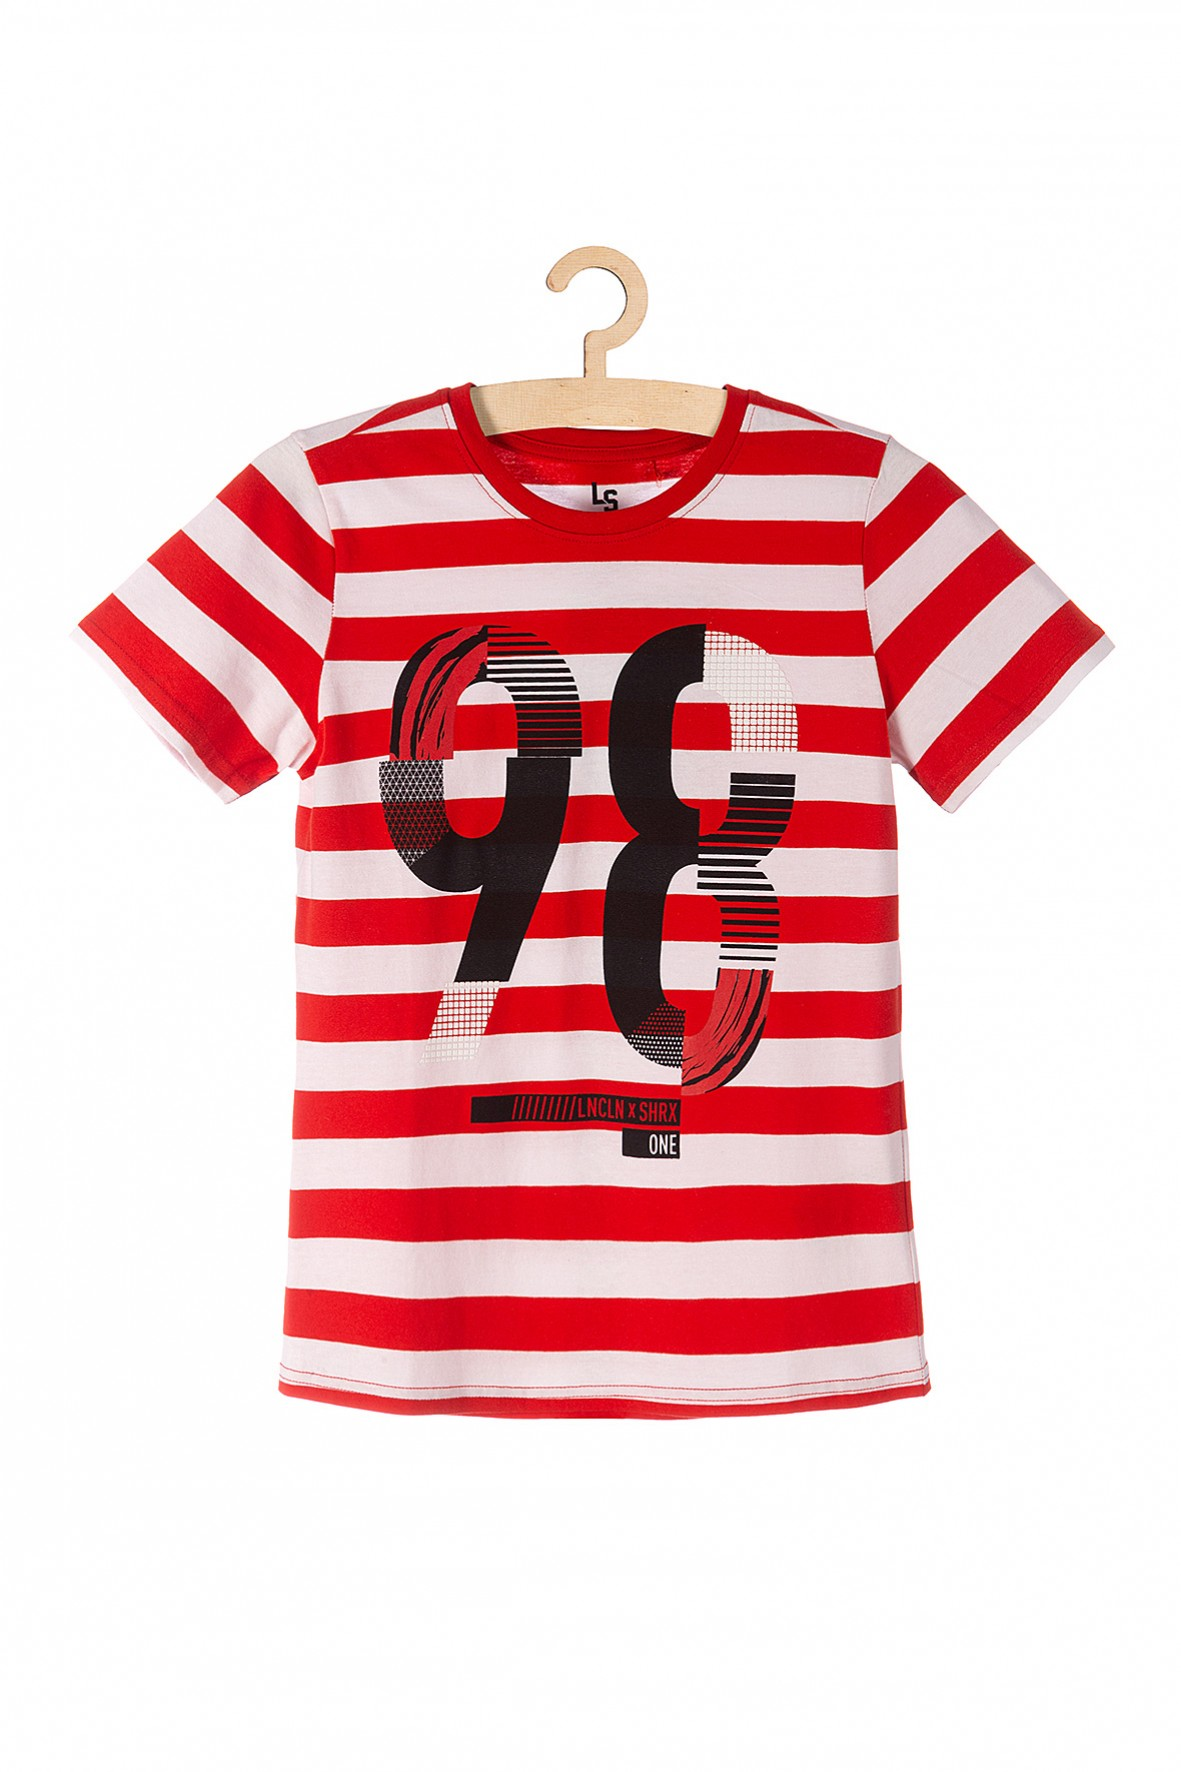 T-shirt chłopięcy czerwony w paski- 100% bawełna